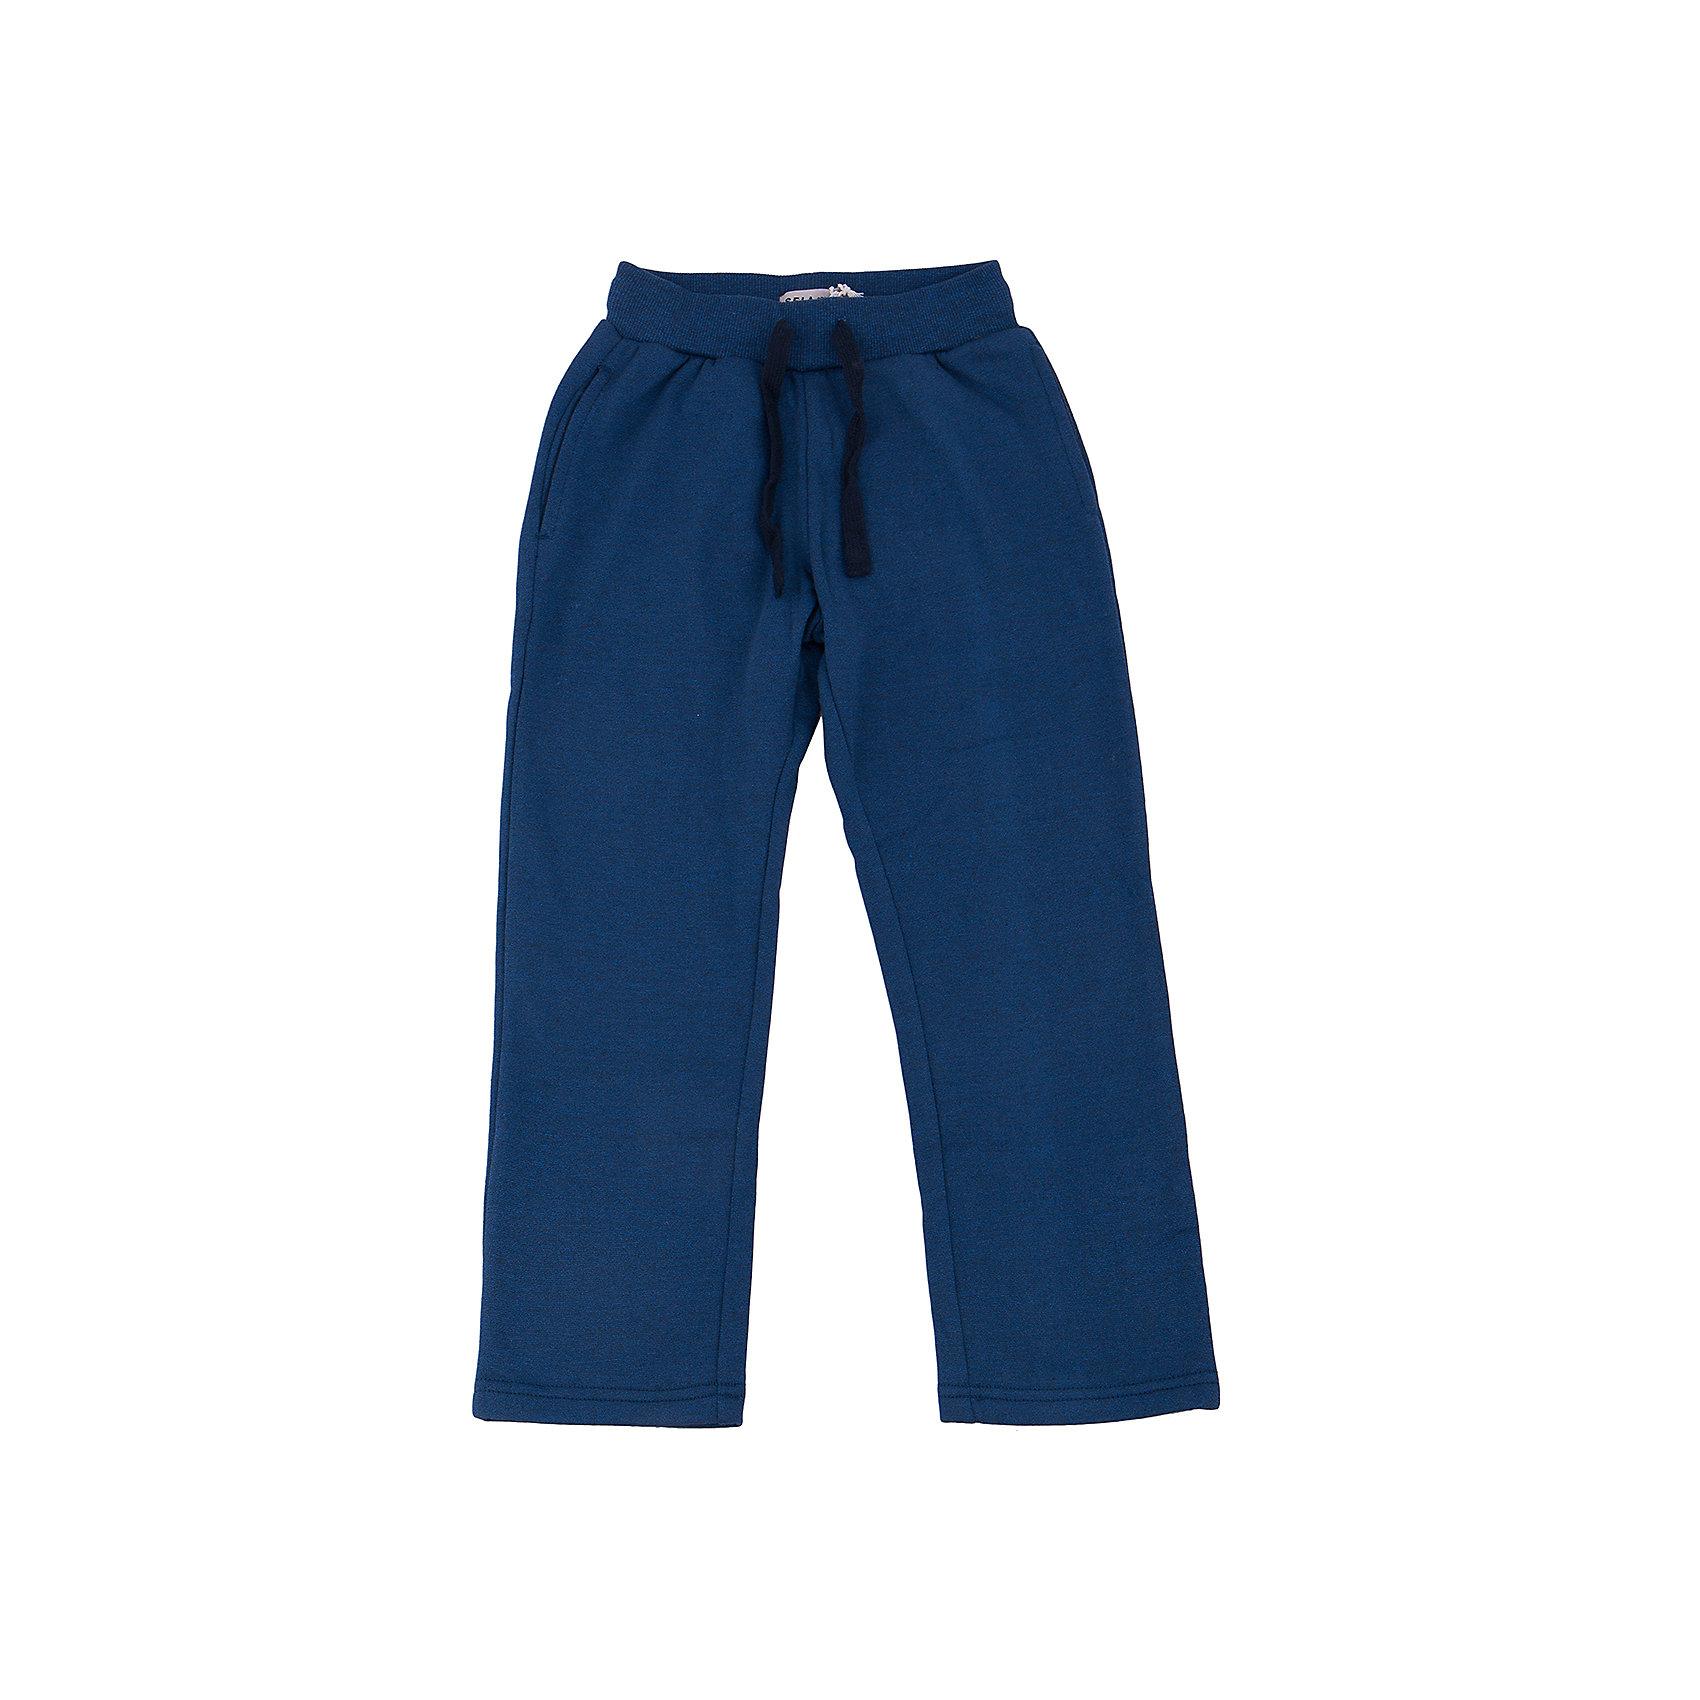 Брюки для мальчика SELAБрюки для мальчика из коллекции осень-зима 2016-2017 от известного бренда SELA. Брюки отлично подойдут для спорта. У Брюк имеются два кармана и практичный шнурок, контролирующий эластичную резинку. К блюкам отлично подойдут футболки и толстовки.<br><br>Дополнительная информация:<br>- Силуэт прямой <br><br>Состав: 60% хлопок, 40% ПЭ <br><br>Брюки для мальчиков Sela можно купить в нашем интернет-магазине.<br>.<br>Подробнее:<br>• Для детей в возрасте: от 6 до 12 лет<br>• Номер товара: 4913279<br>Страна производитель: Китай<br><br>Ширина мм: 215<br>Глубина мм: 88<br>Высота мм: 191<br>Вес г: 336<br>Цвет: синий<br>Возраст от месяцев: 84<br>Возраст до месяцев: 96<br>Пол: Мужской<br>Возраст: Детский<br>Размер: 128,134,146,122,152,116,140<br>SKU: 4913278